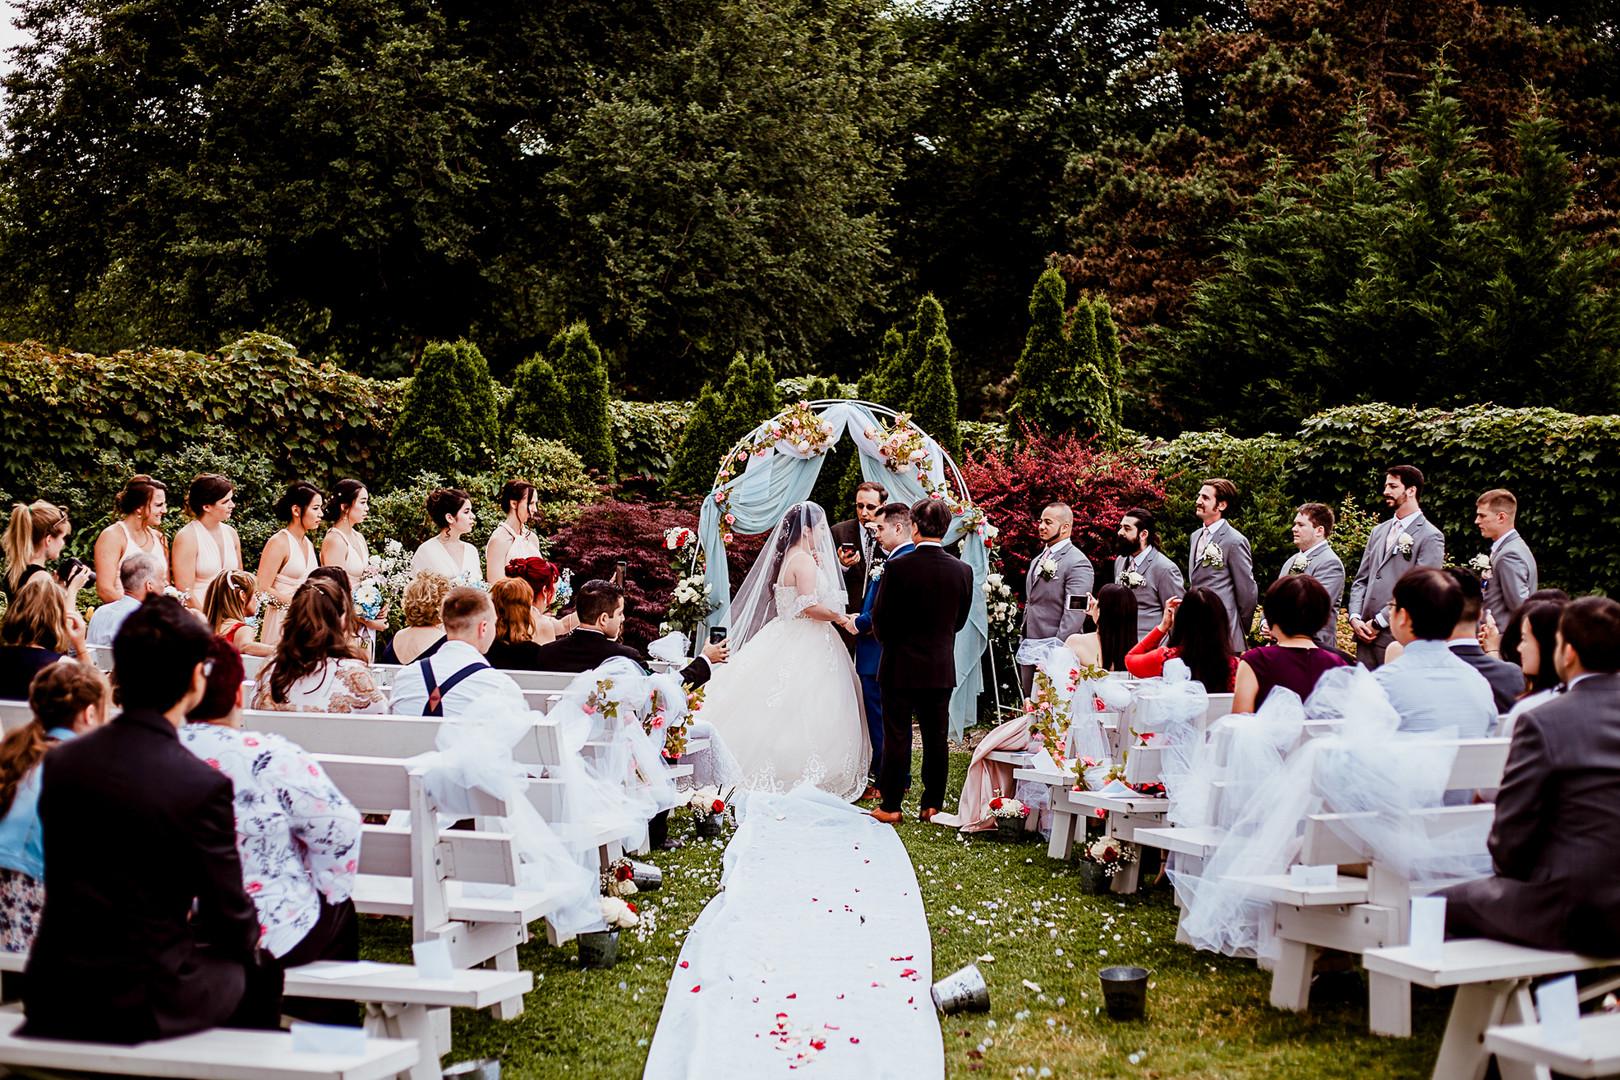 NationalAviary-Wedding-PittsburghPA-CynD